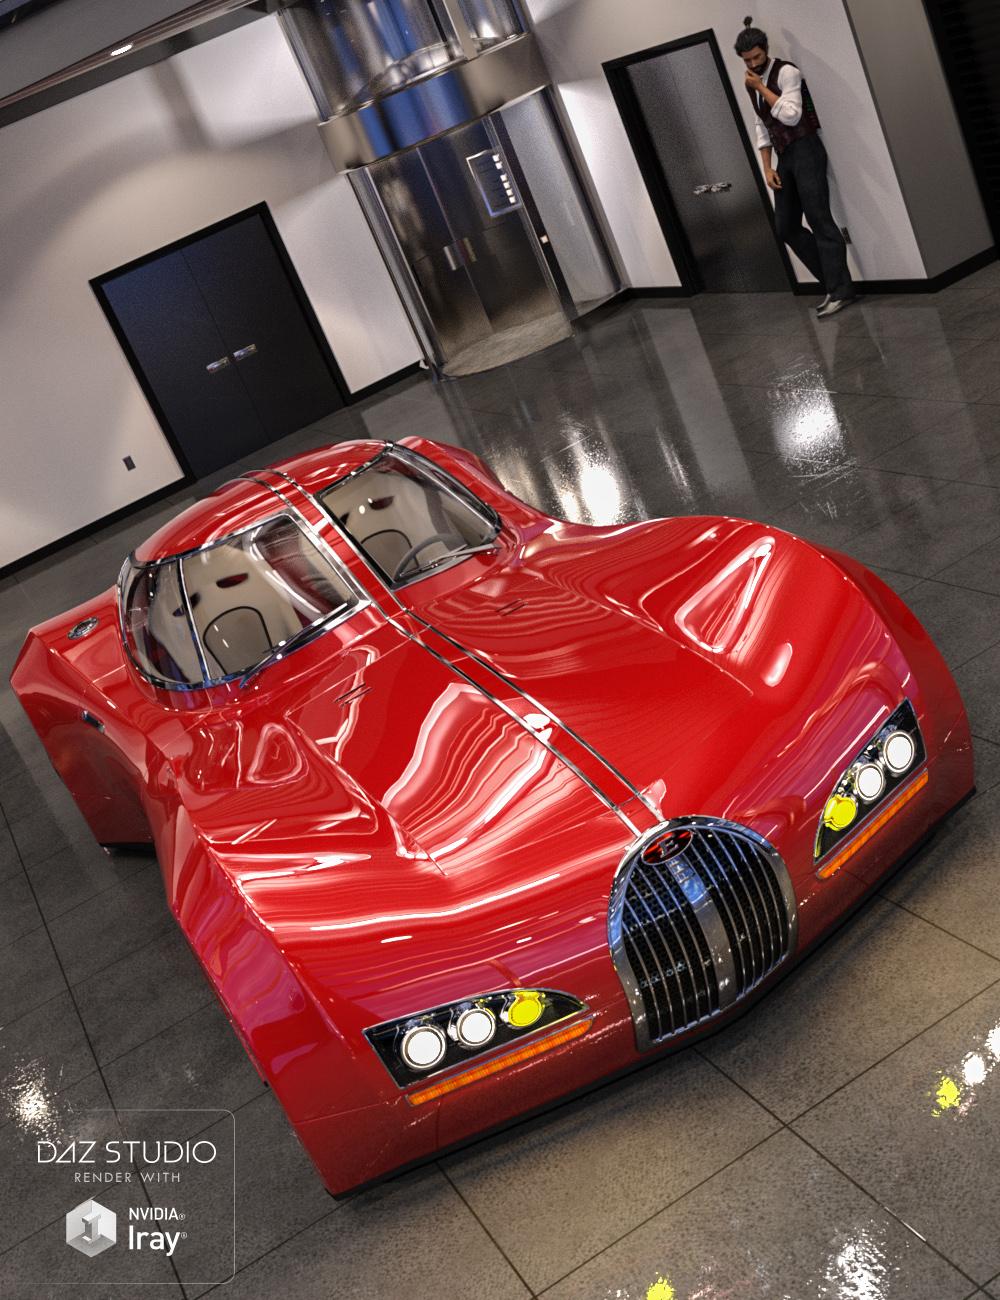 Sports Car Emexon Iray by: Dumor3D, 3D Models by Daz 3D